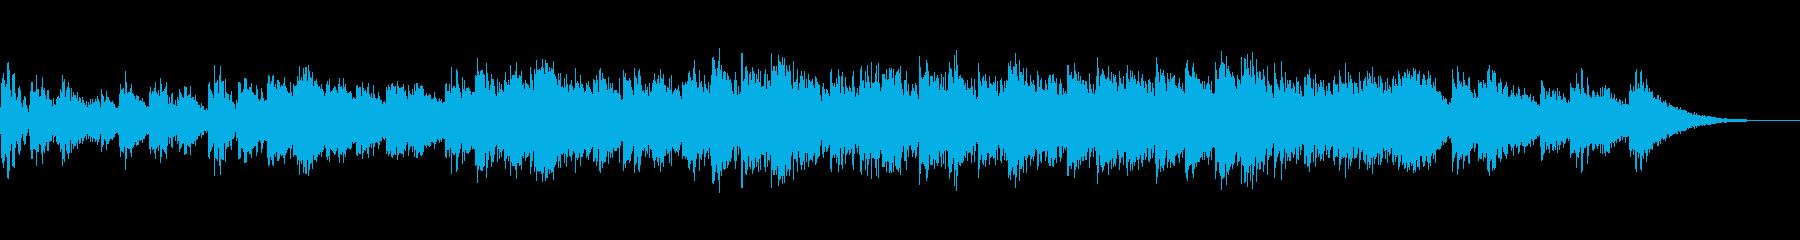 ハイテクリズムな曲で気分があがる。の再生済みの波形